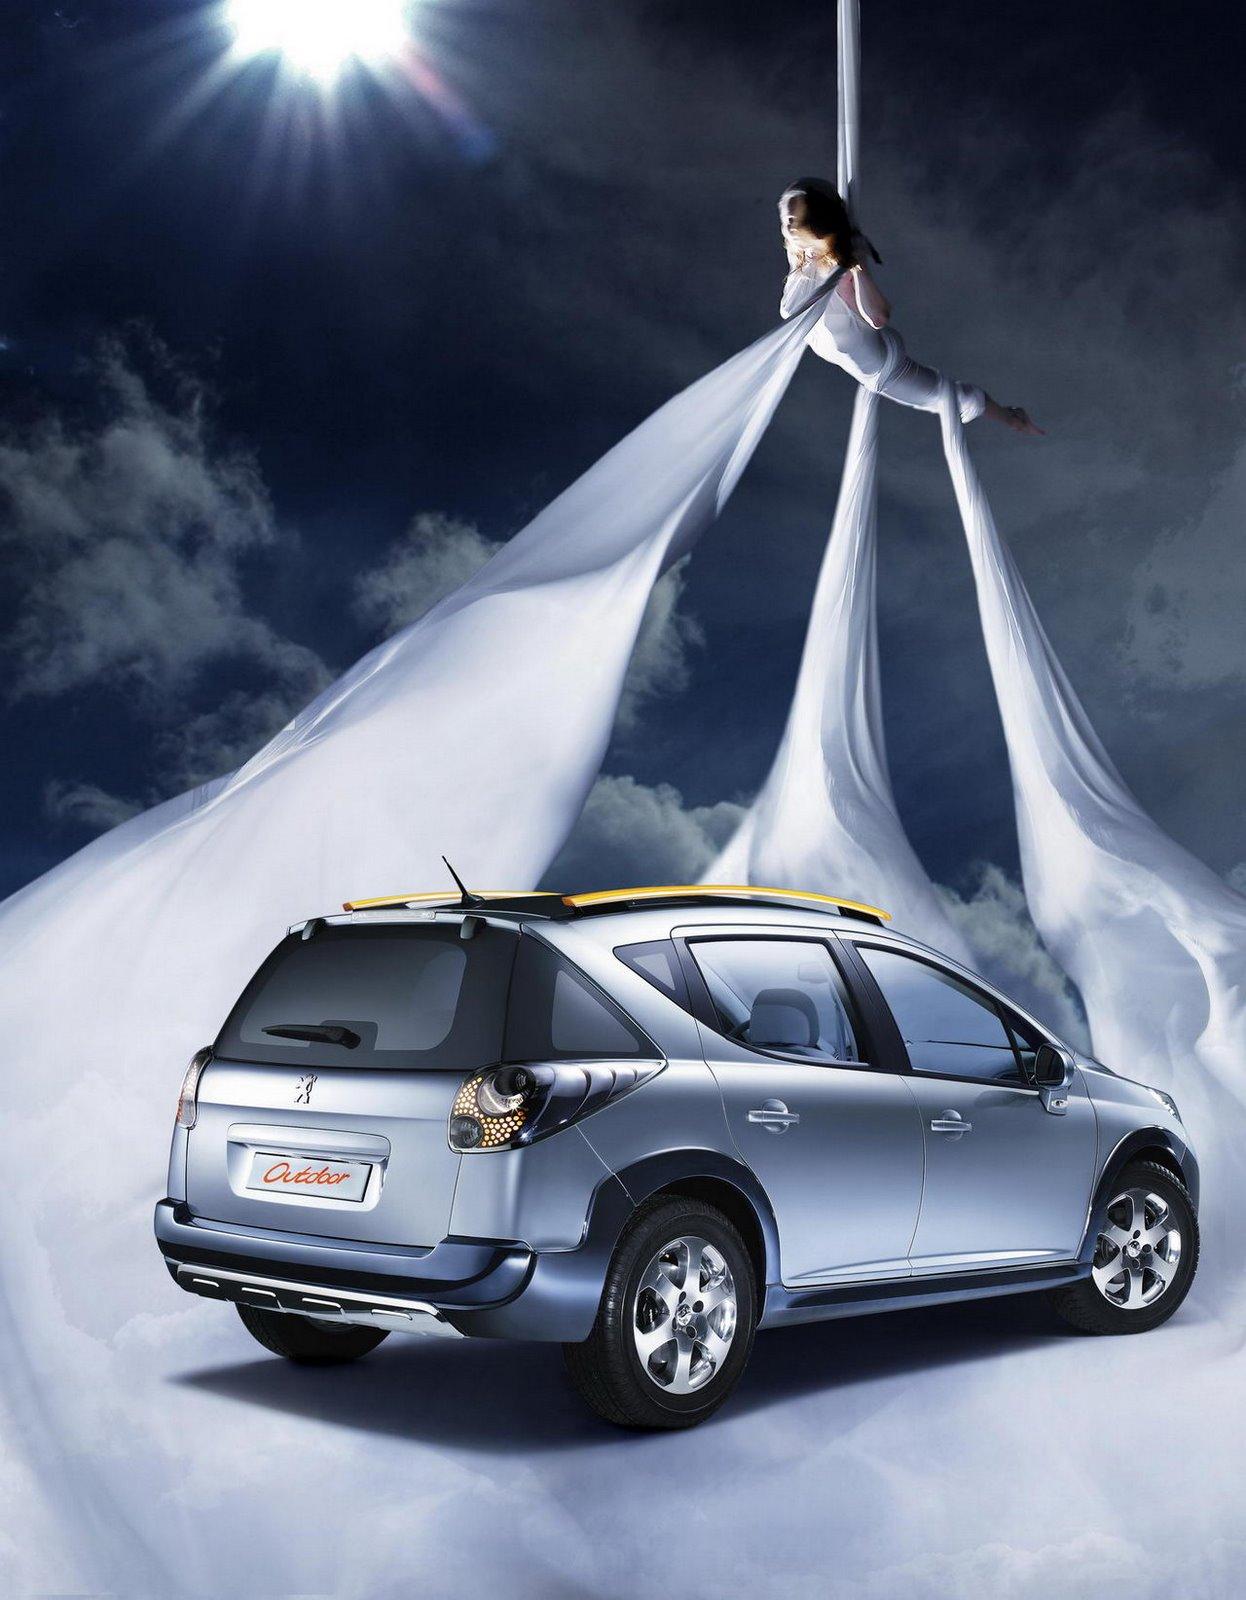 Carscoop 207SWOUTDOOR 10 Geneva Preview: Peugeot 207 SW Outdoor Concept